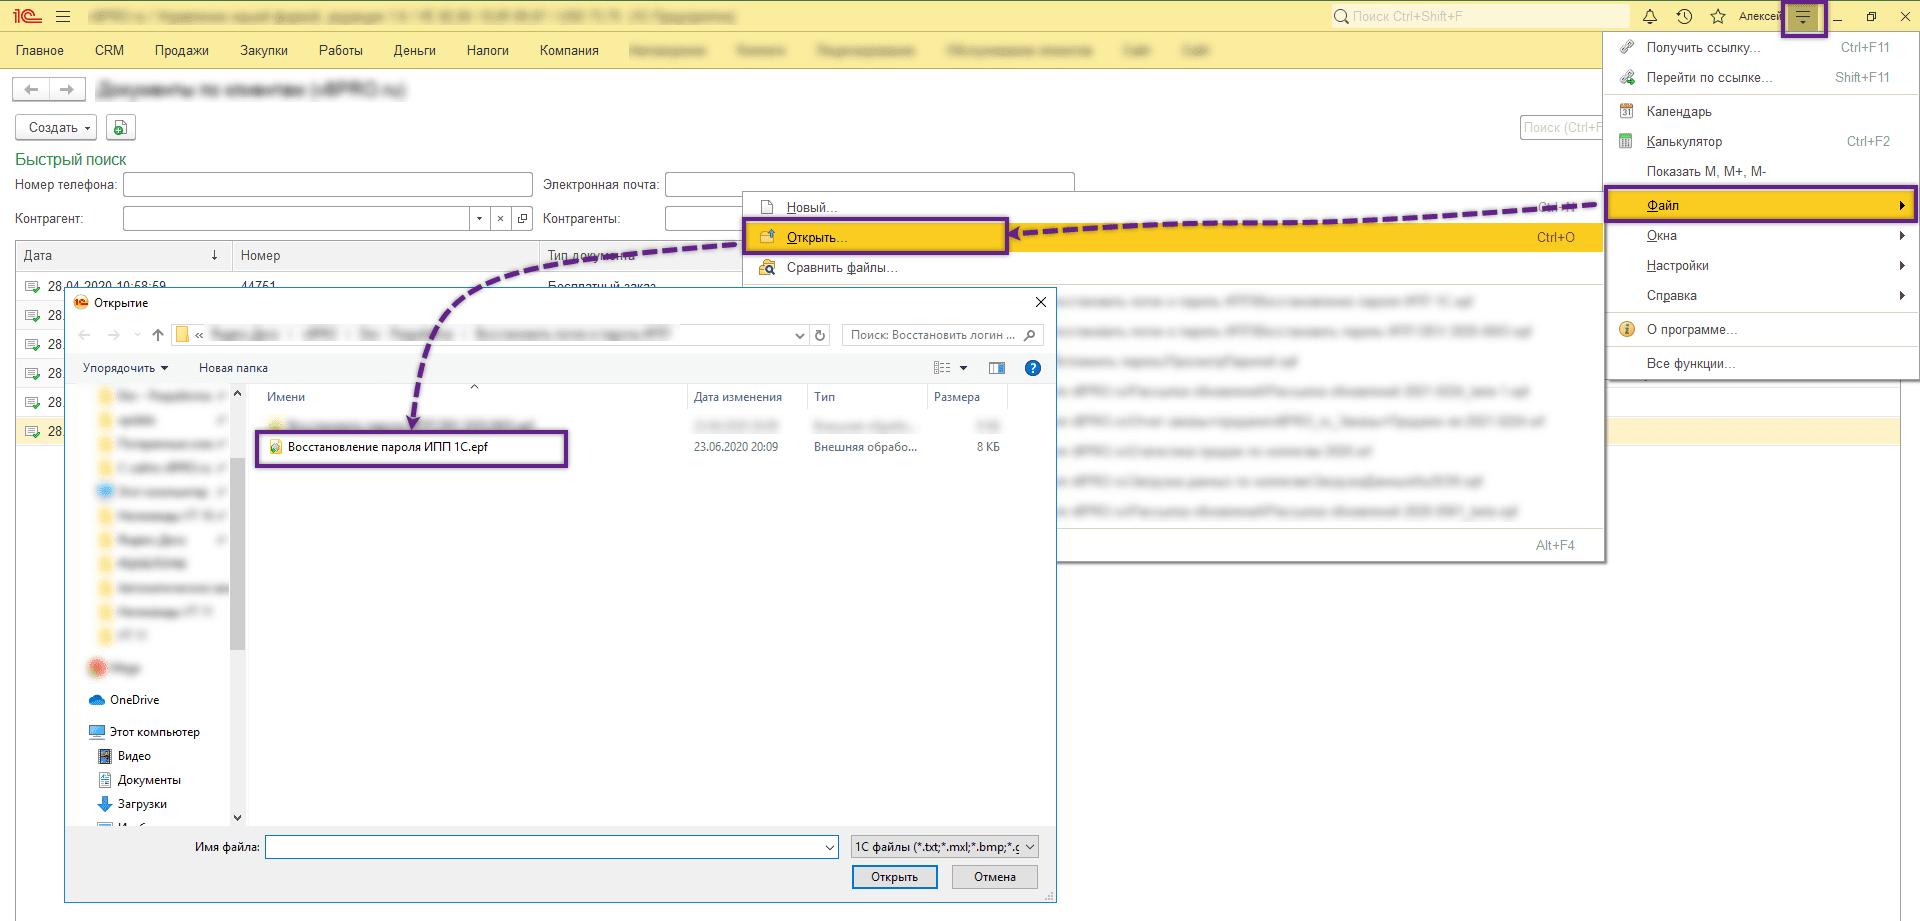 Открыть файл восстановления паролей